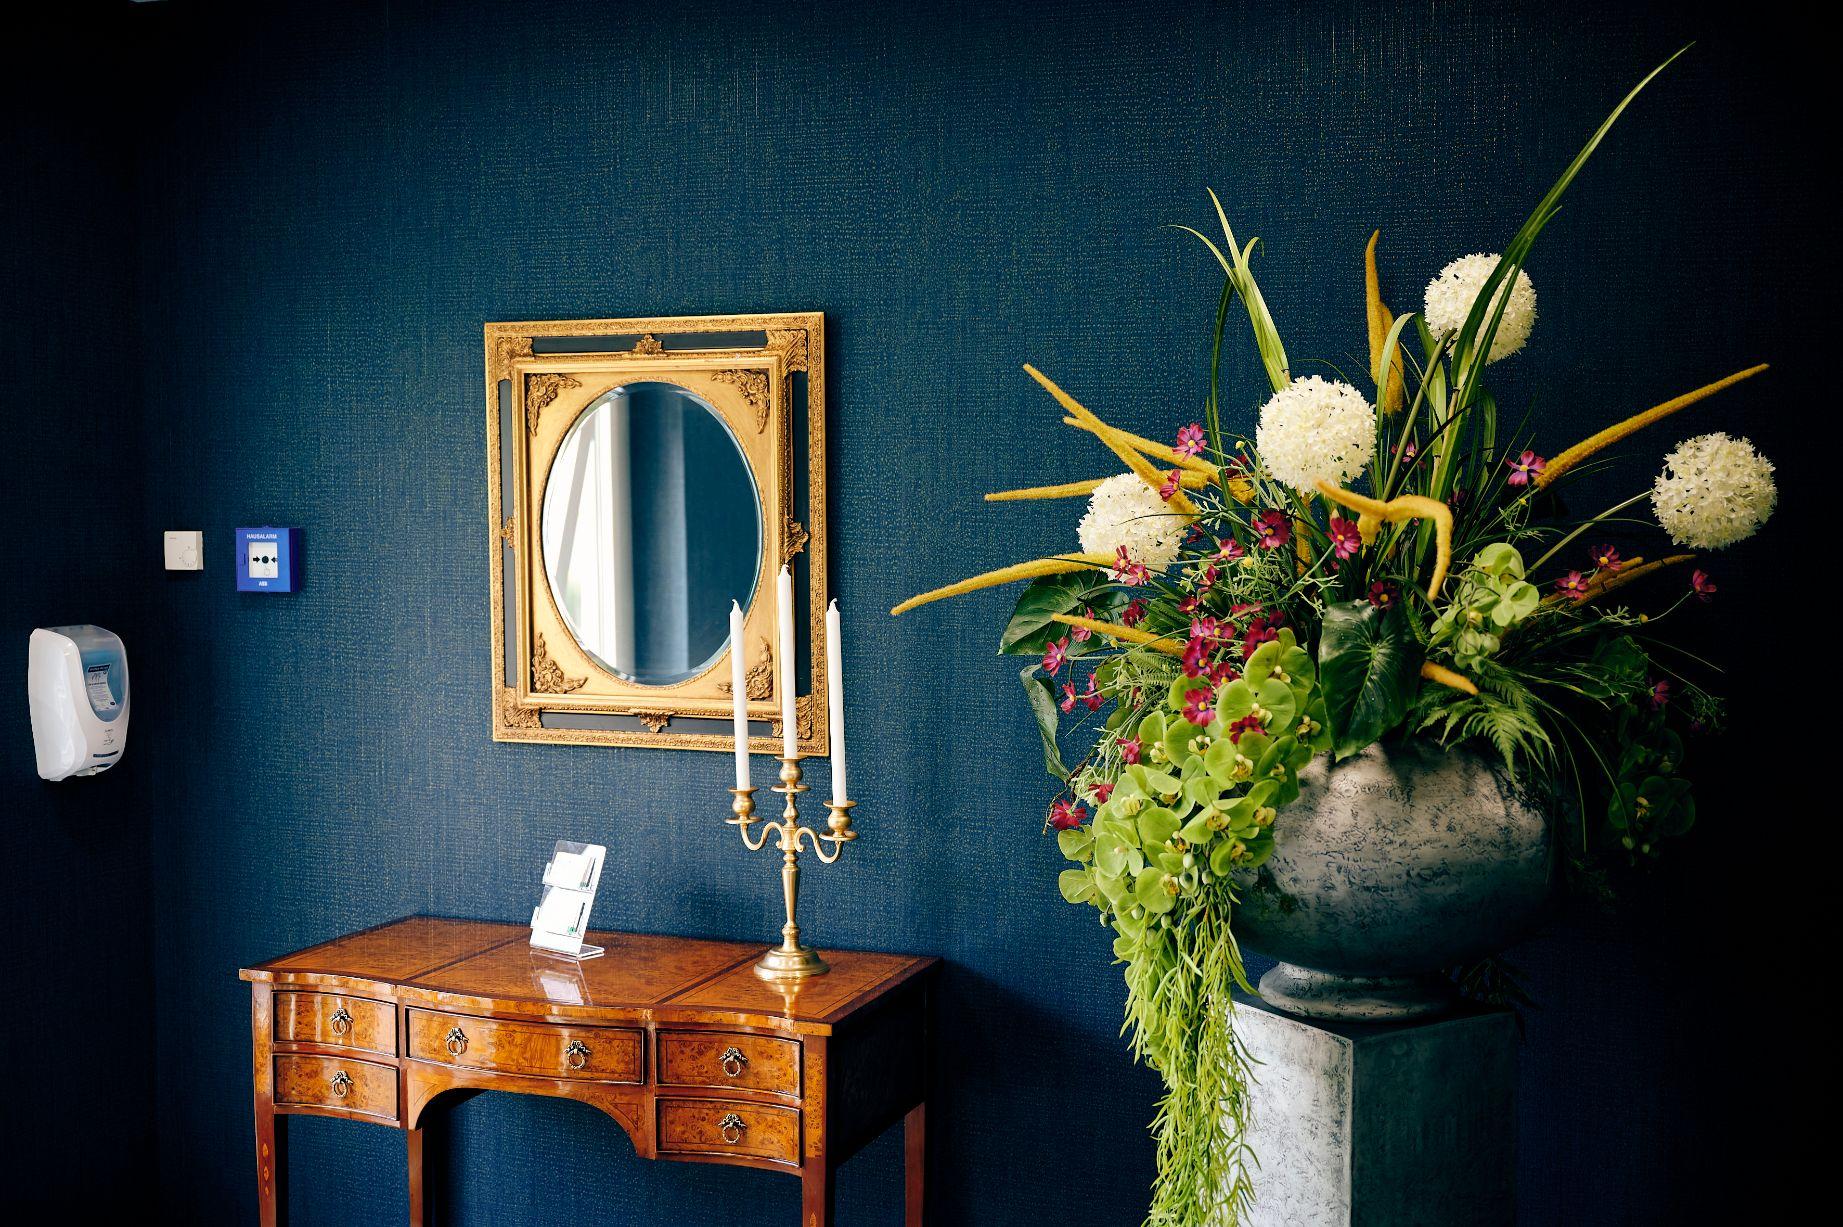 Foto Eingangsbereich mit Spiegel, Kerzen und Blumen